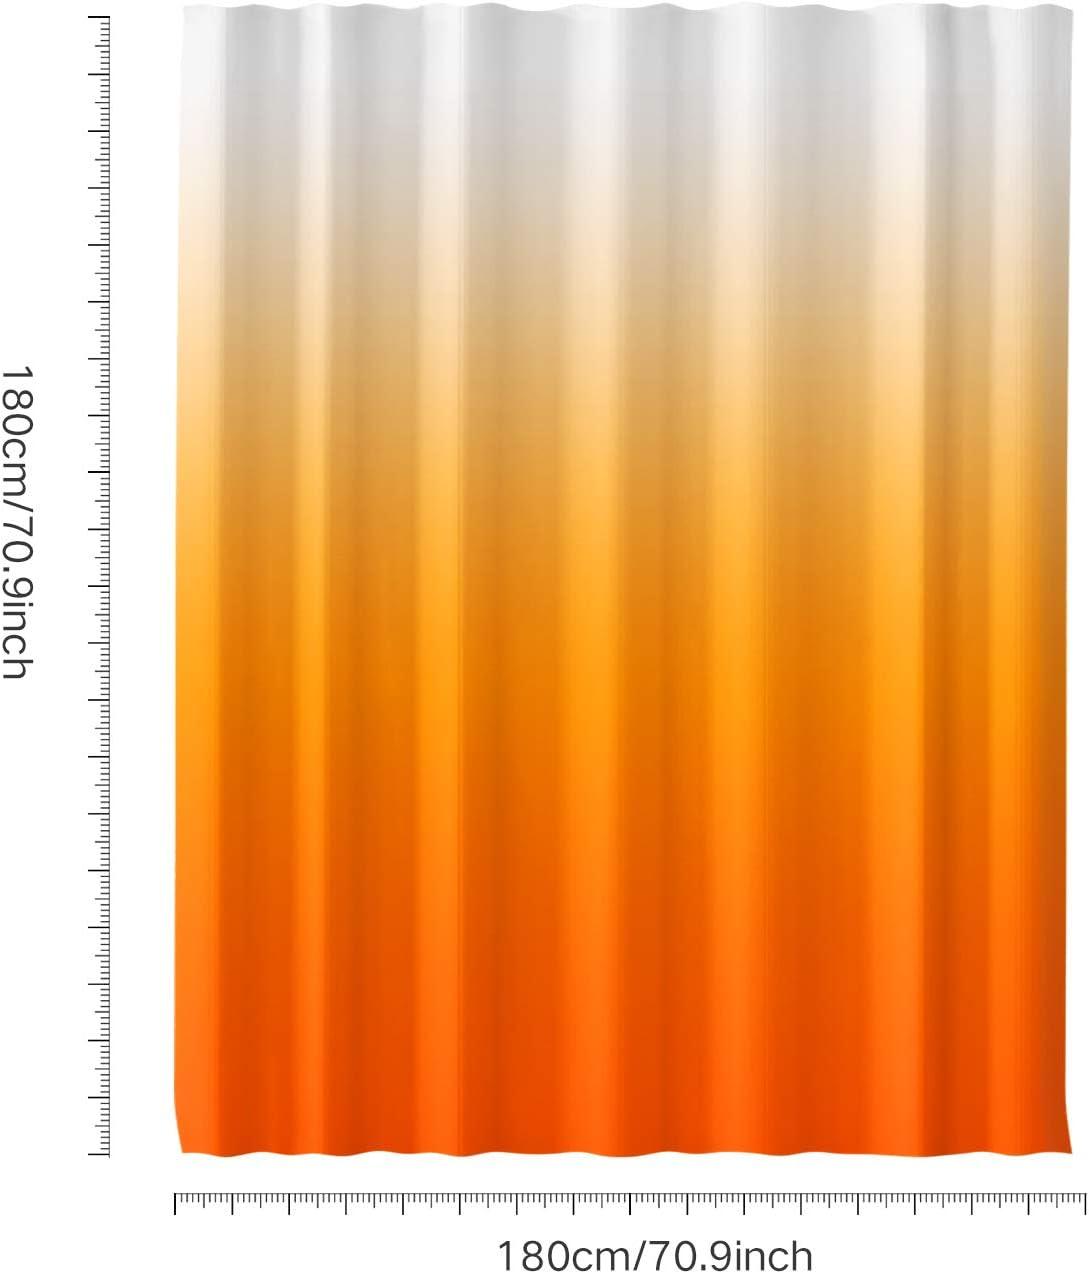 Rideau de Douche 180/×180 cm avec 12 Anneaux de Rideaux pour Sall de Bain 4 Motif Assortis H HOMEWINS Rideau de Douche en Polyester Imperm/éable Anti-moisissure Noir